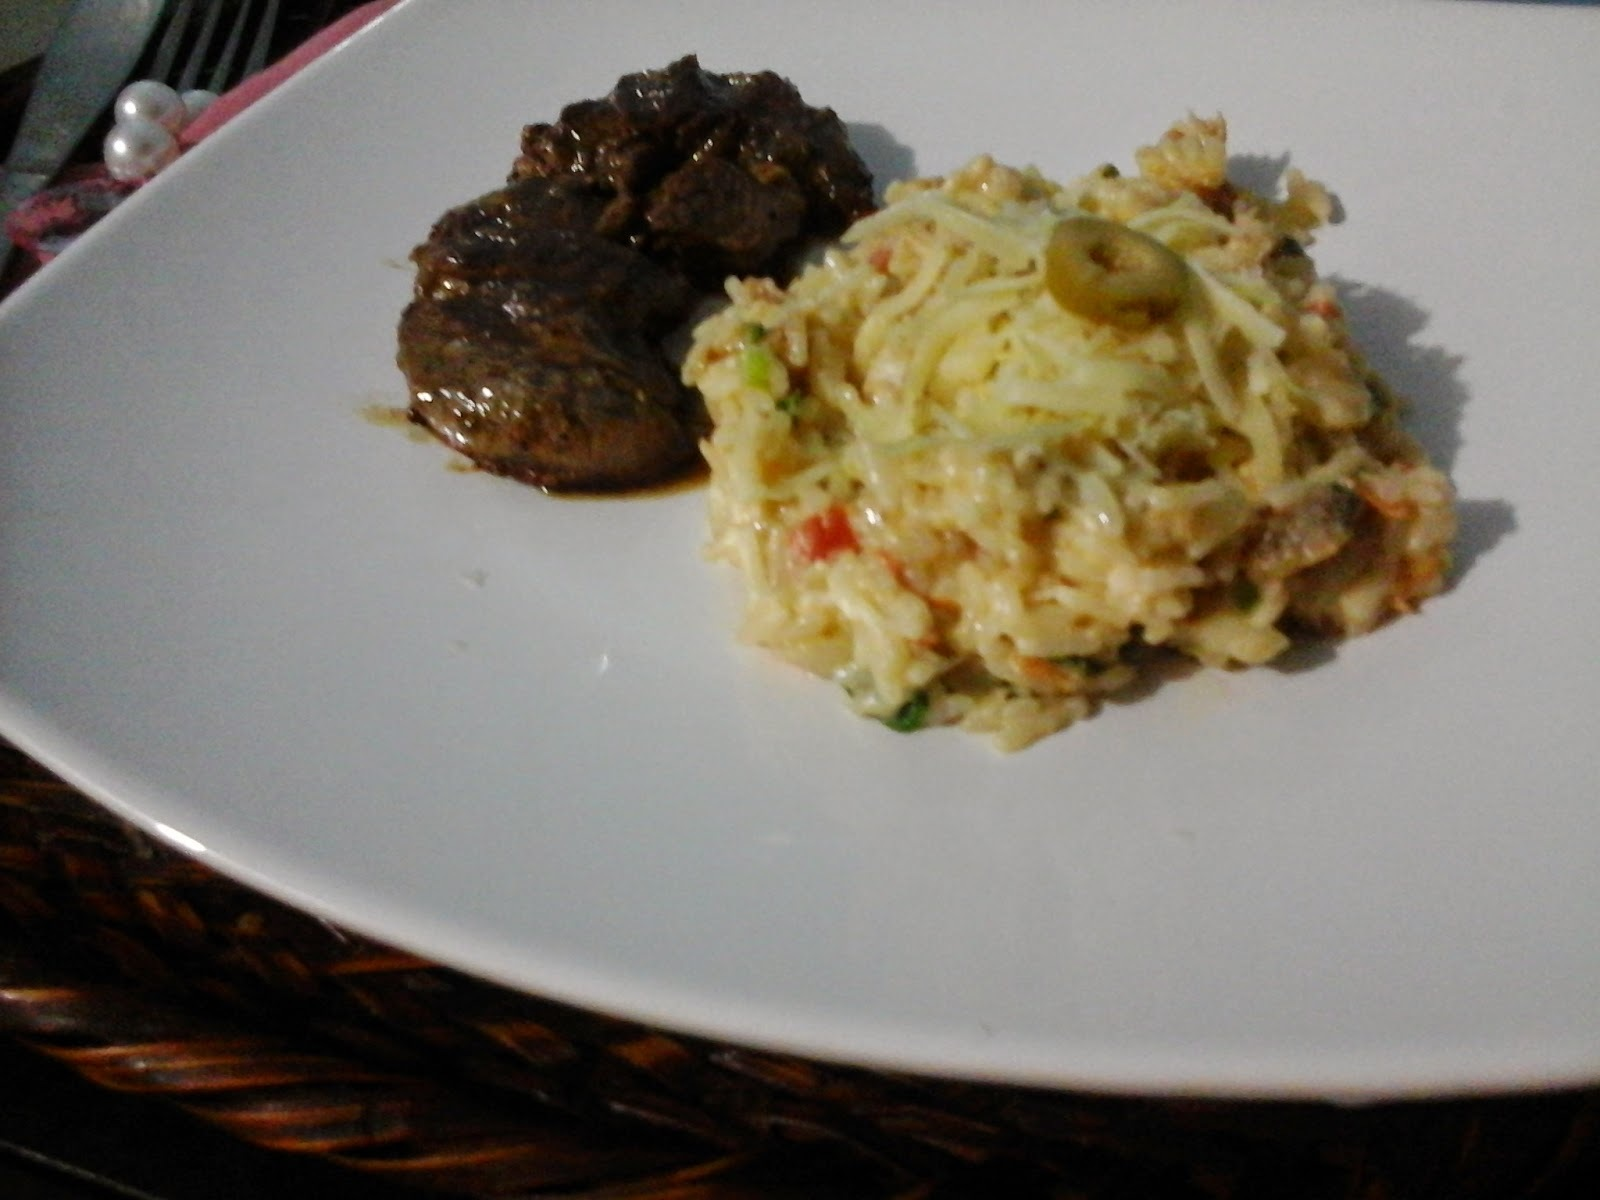 de arroz com maionese hellmann